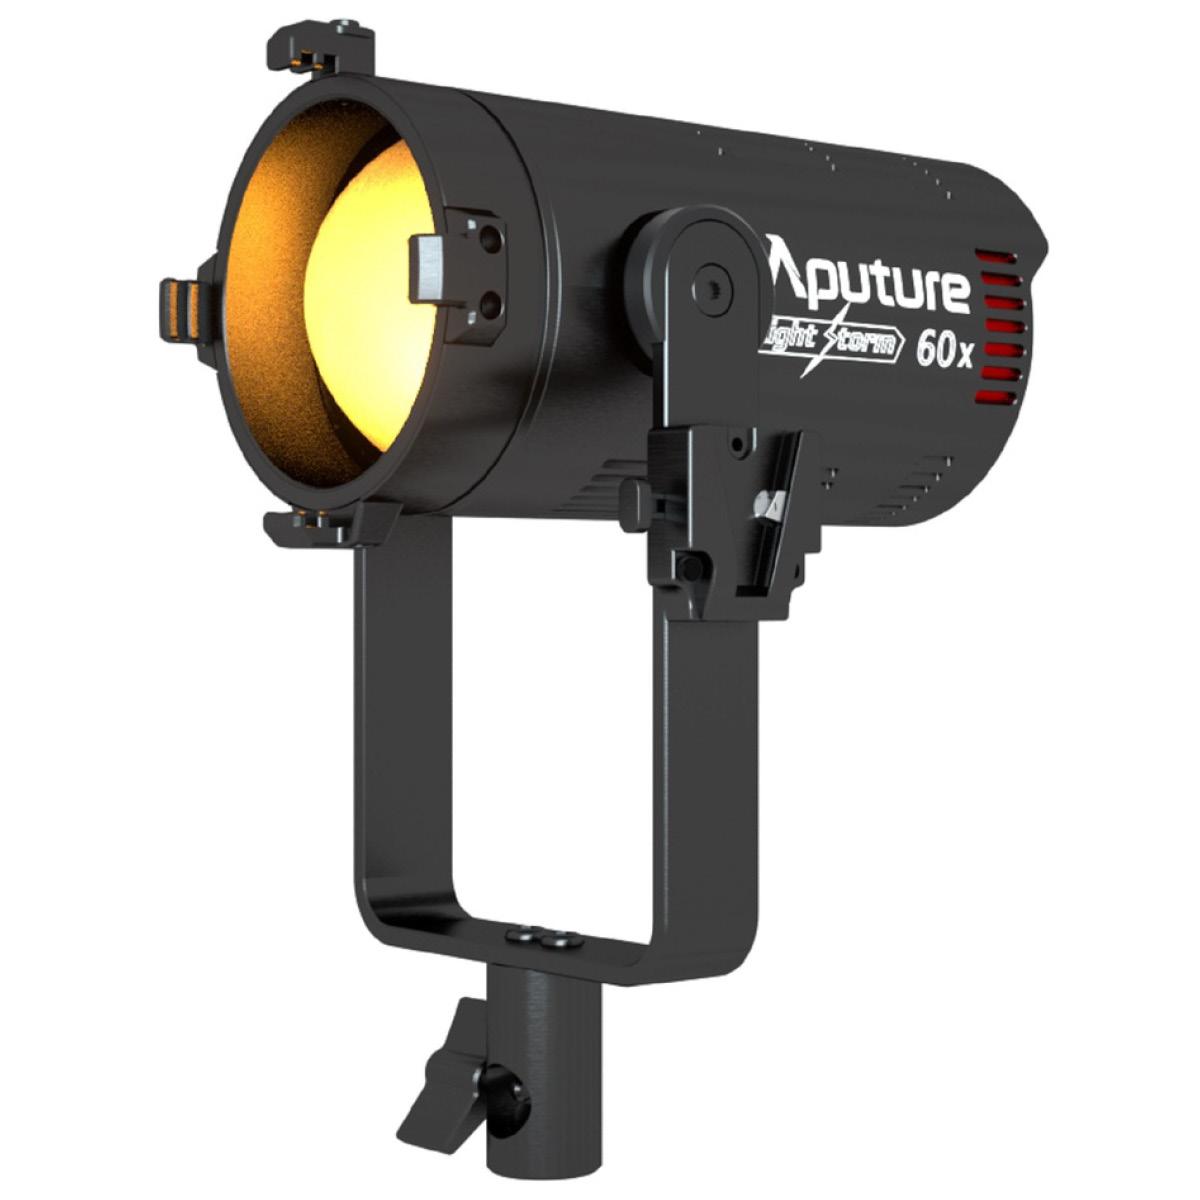 Aputure Light Storm 60x Bi-Color Leuchte